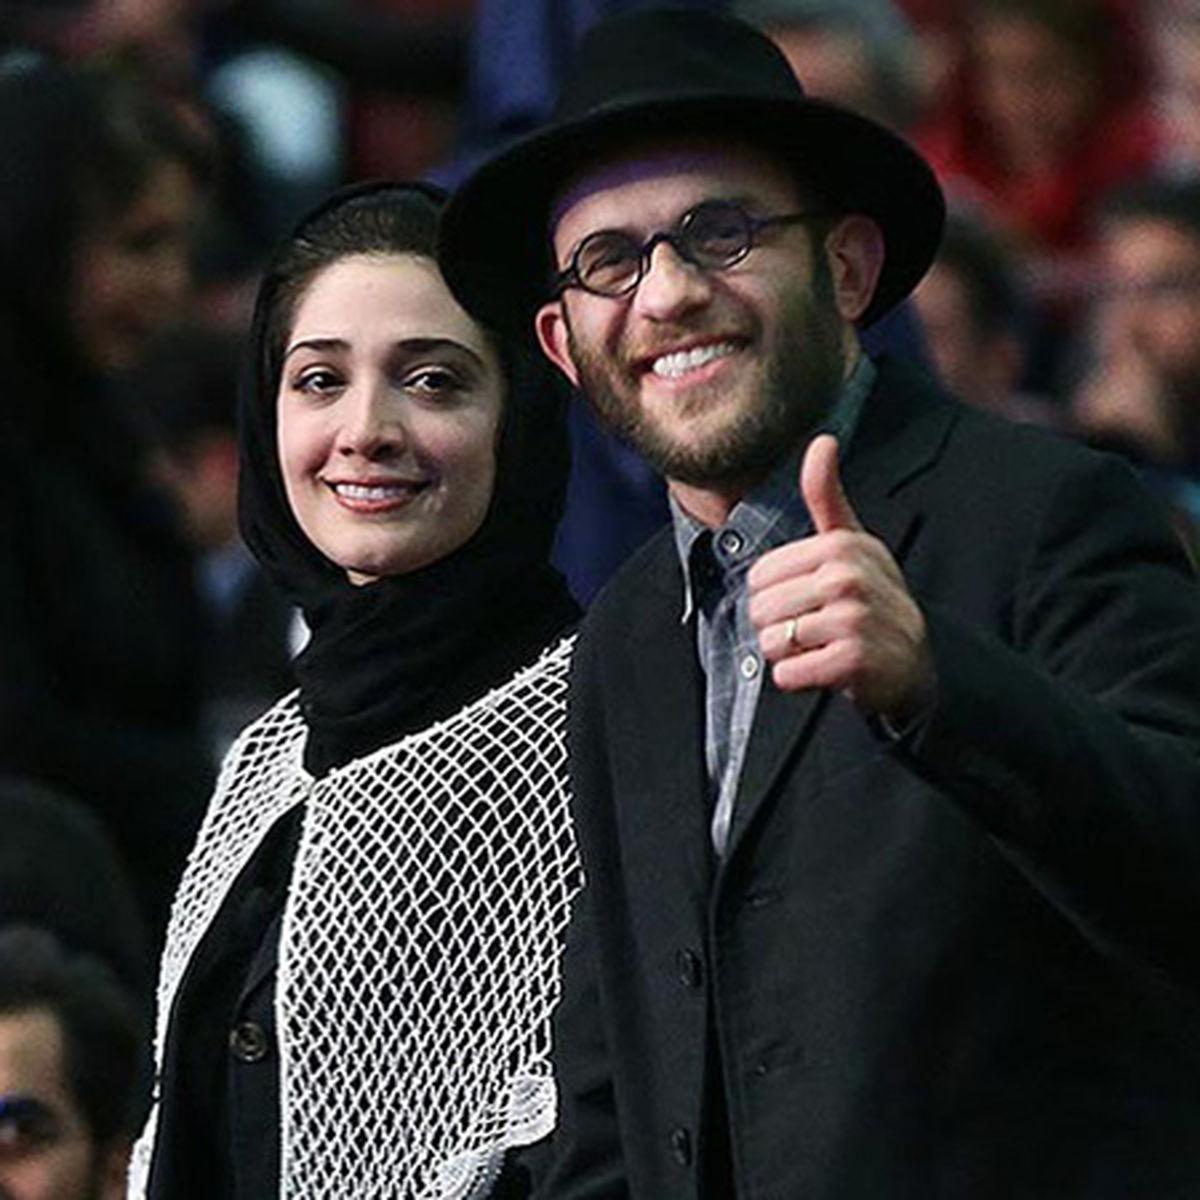 عکس زیرخاکی و جالب از بابک حمیدیان | بیوگرافی بابک حمیدیان و همسرش